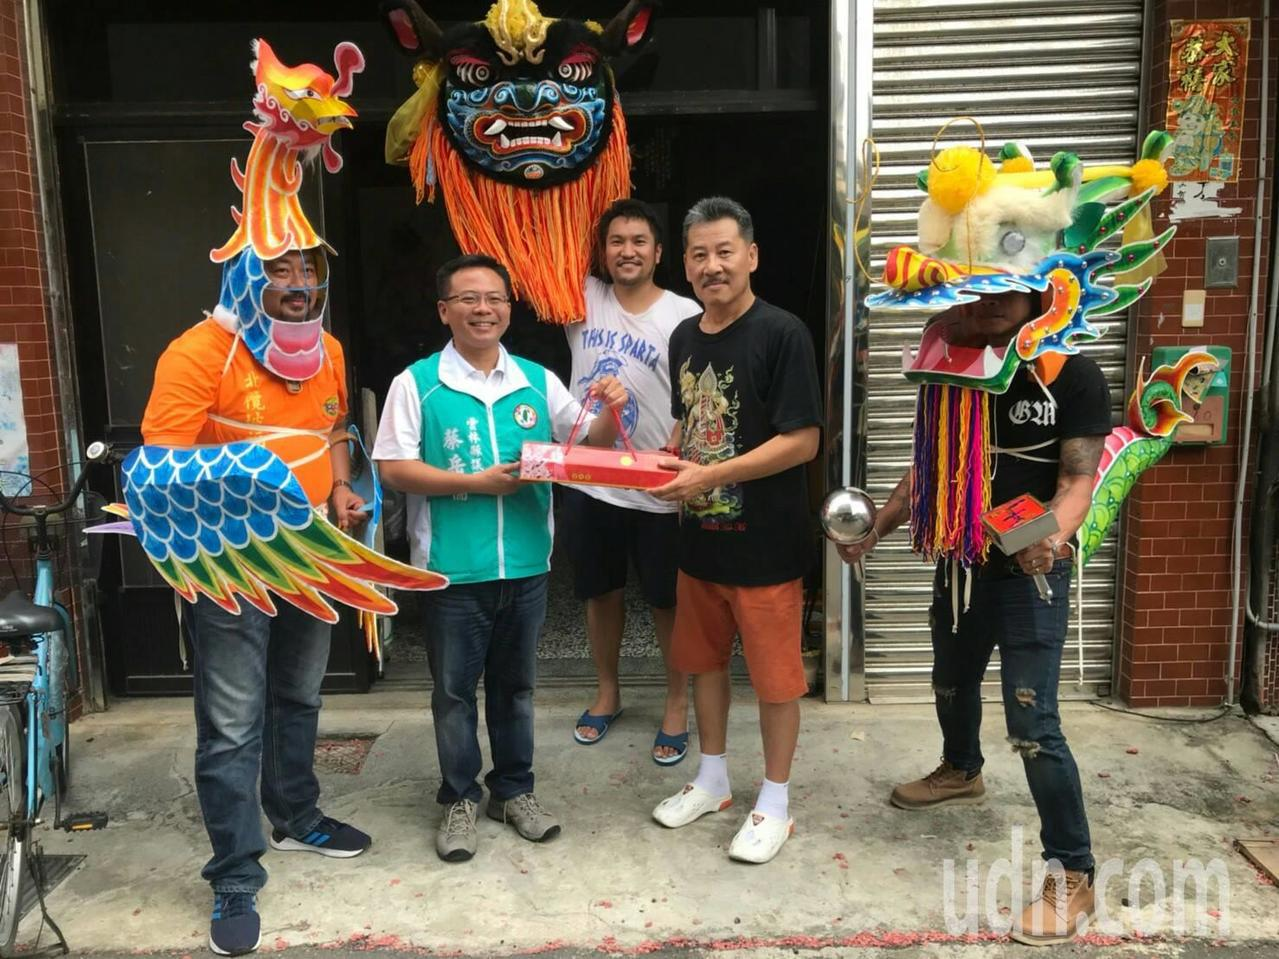 雲林武獅名聲遠播,來自泰國的人士也來北港取經,穿上龍鳳偶頭體驗,並延聘龍鳳獅老師...